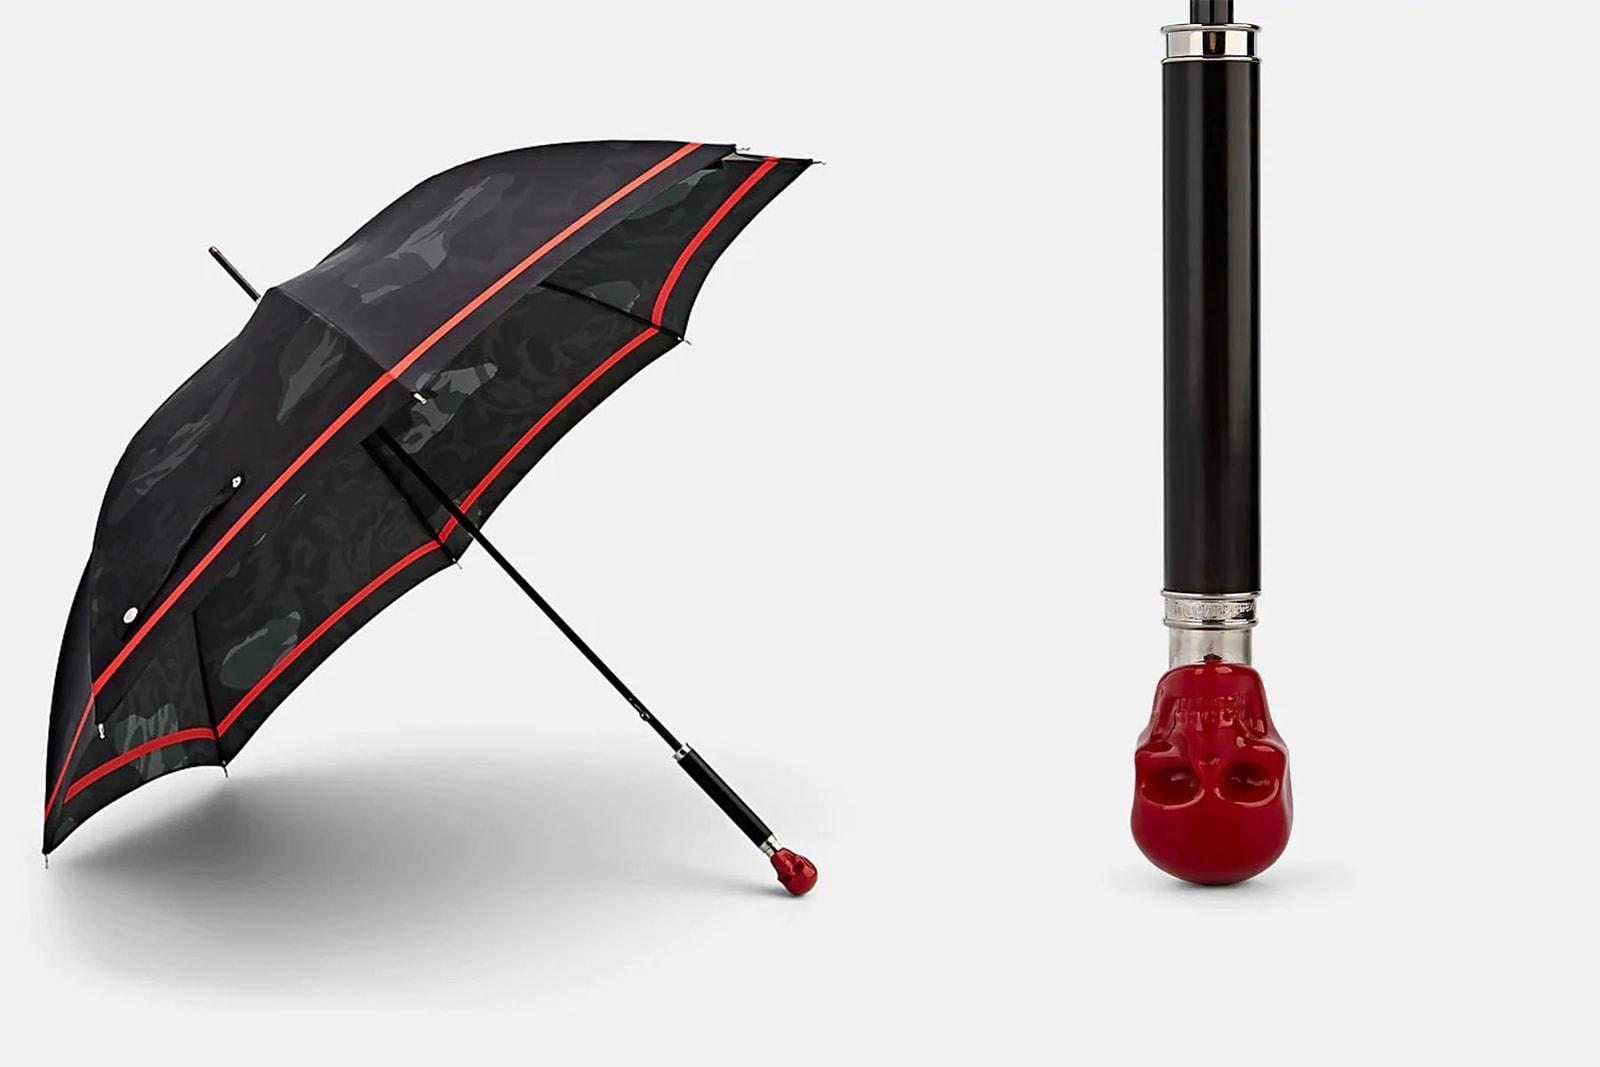 梅雨を乗り切る HYPE なレイングッズ 13 選 ポンチョ レインコート 傘 ナイロンパンツ レインブーツ